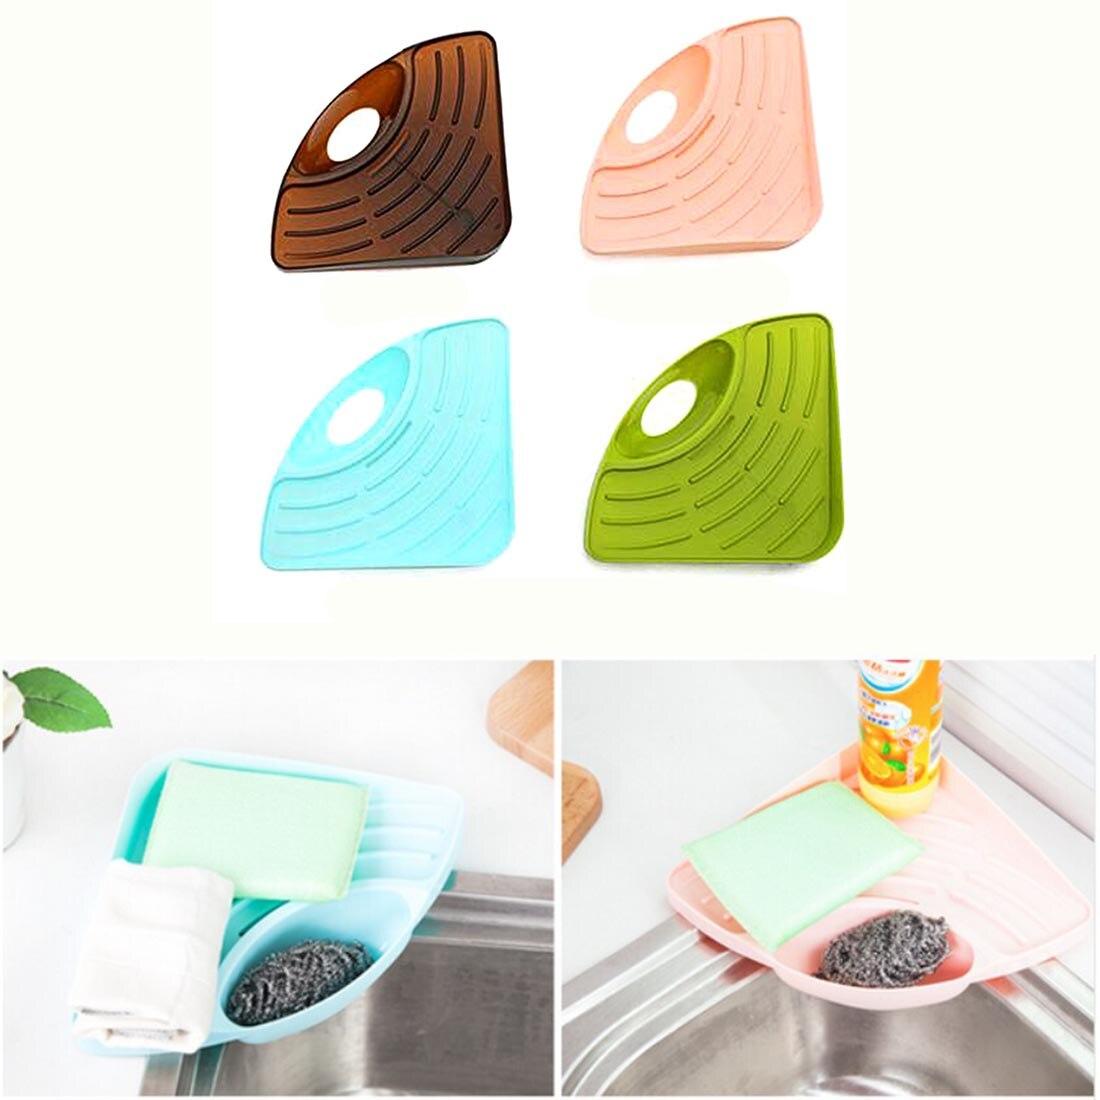 ツ)_/¯Alta calidad triangular del hogar estante de la esponja del ...